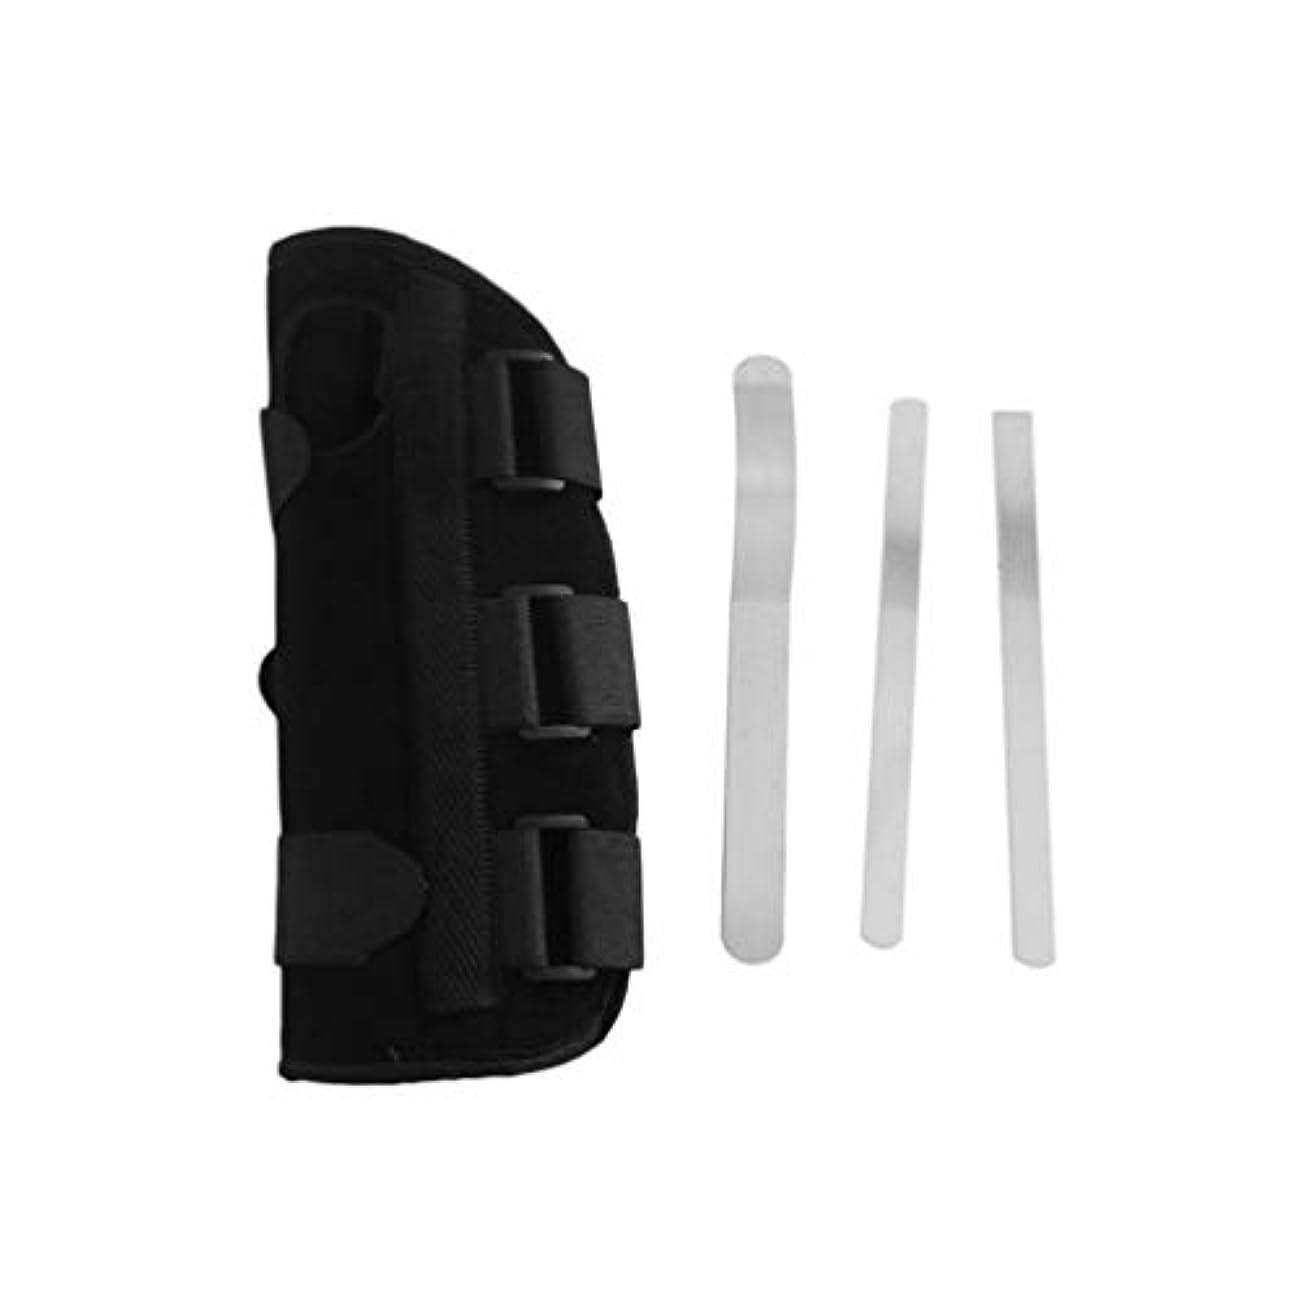 カテゴリー同意する細心の手首副木ブレース保護サポートストラップカルペルトンネルCTS RSI痛み軽減リムーバブル副木快適な軽量ストラップ - ブラックM